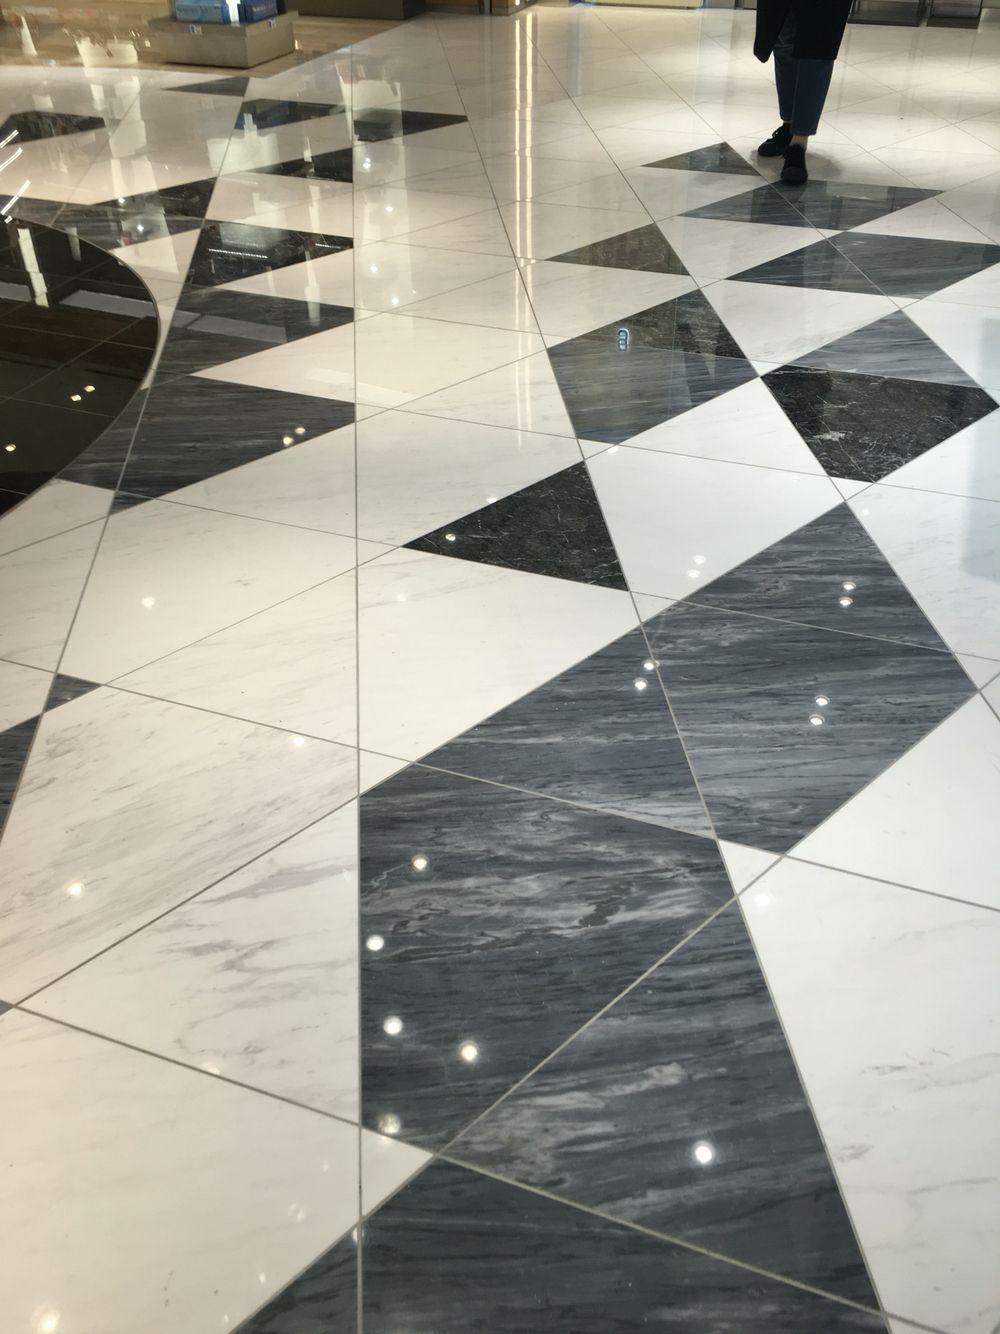 Triangle Tiles Floor Pattern Black Amp White Tokyo